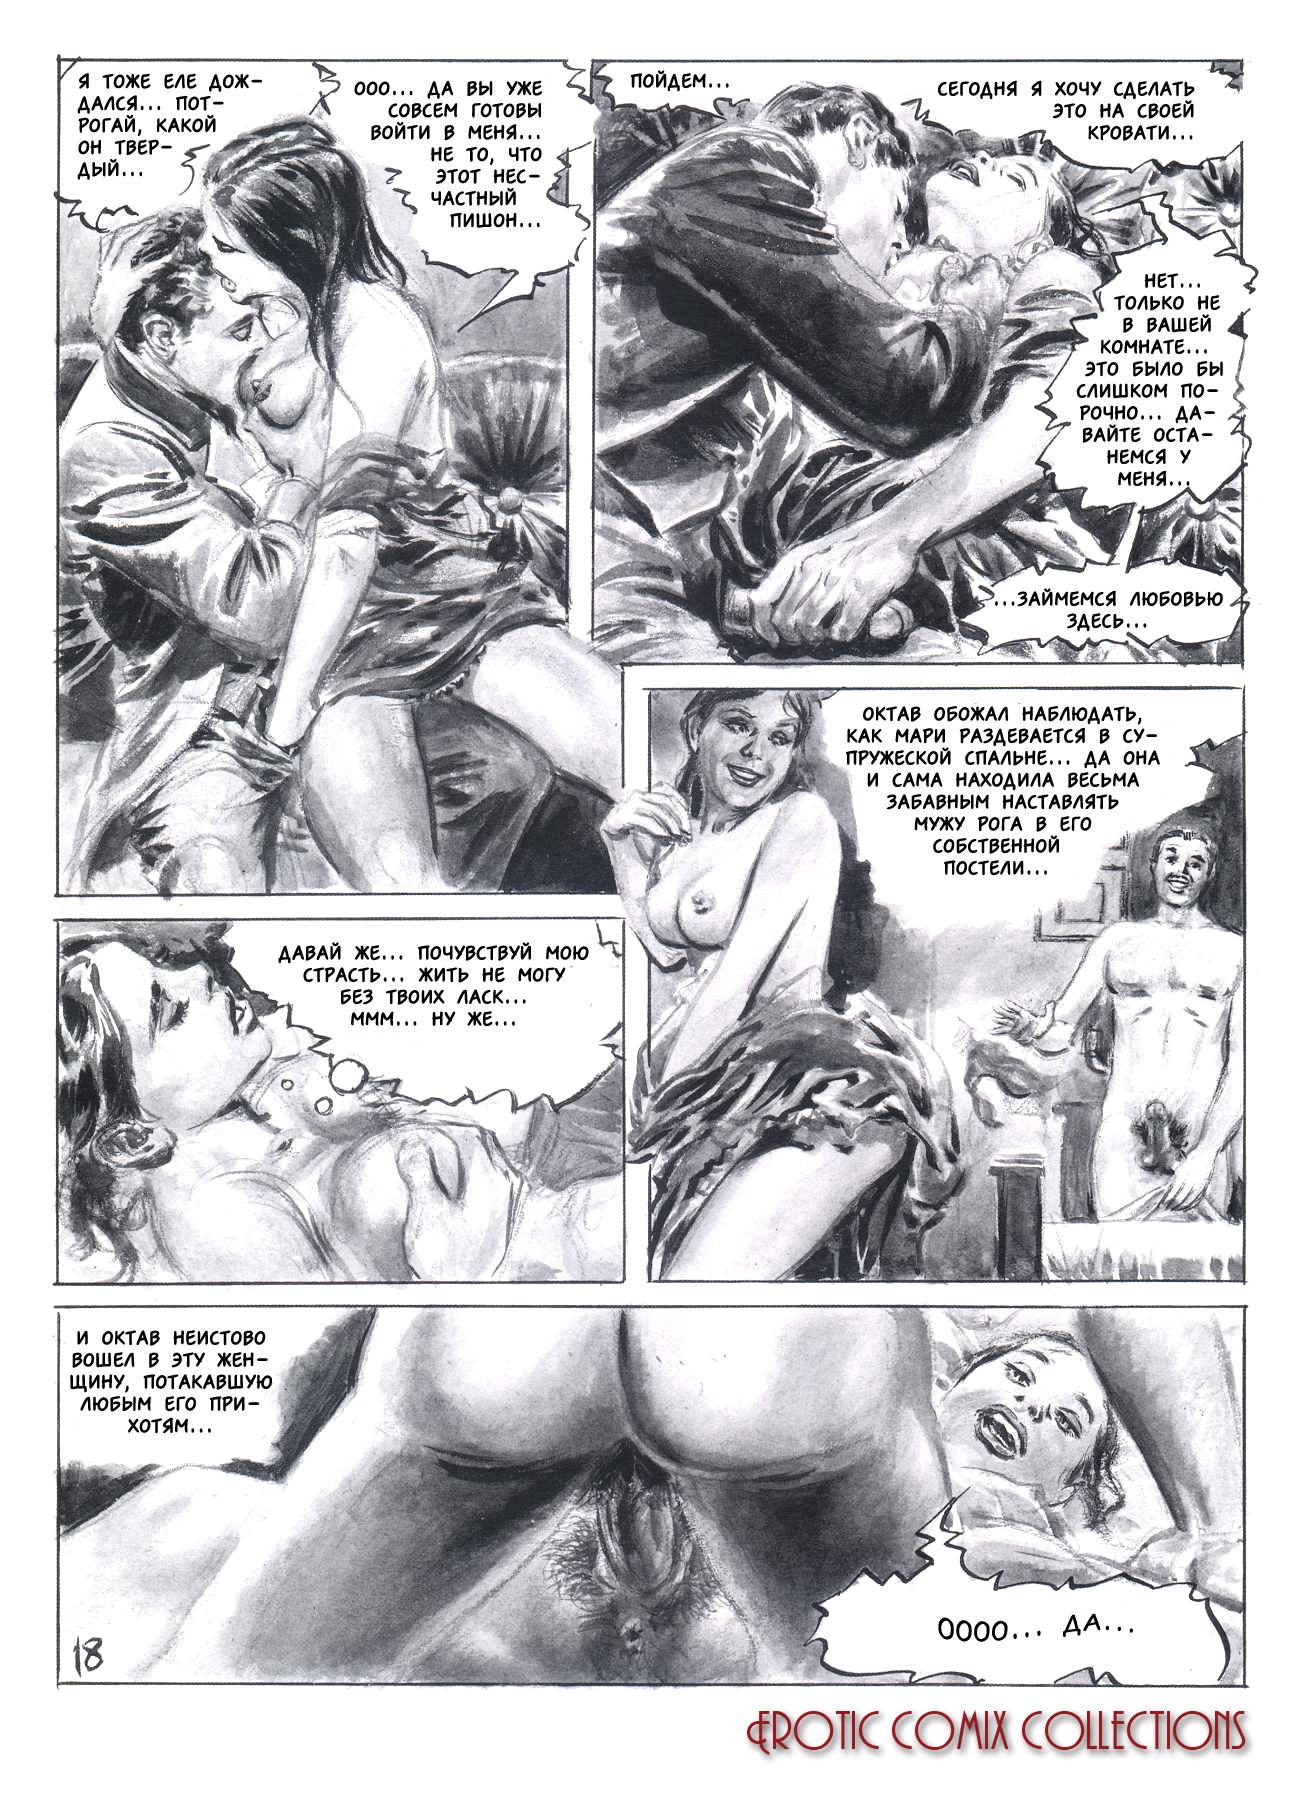 Порно рогатые мужья